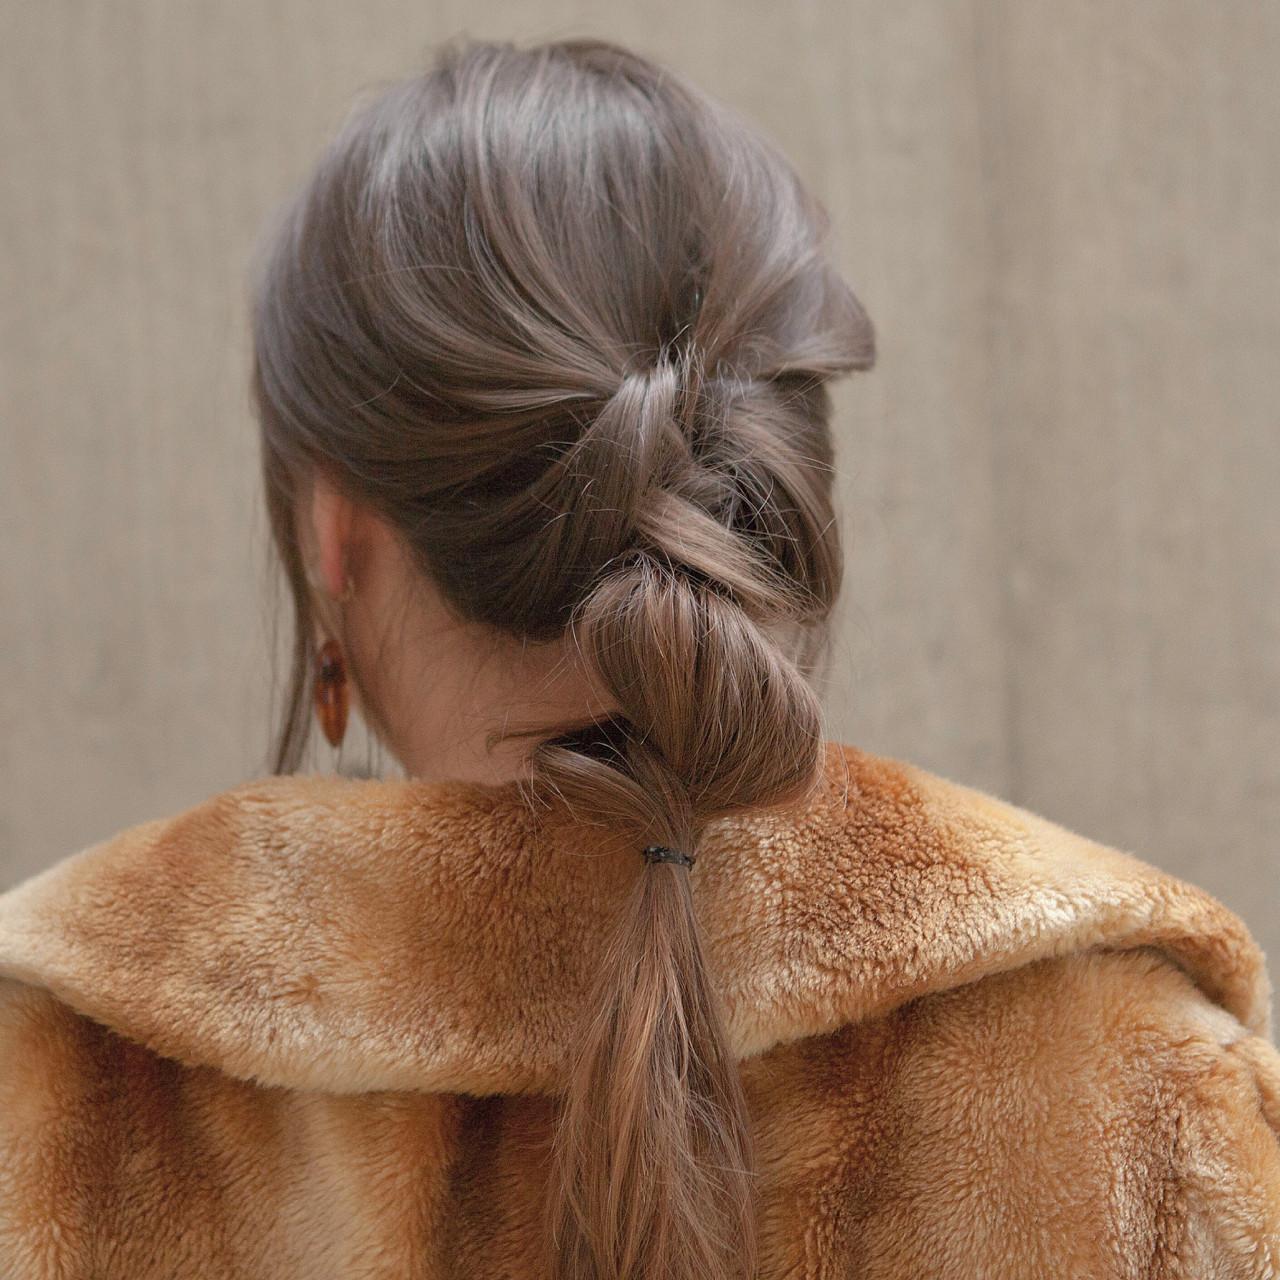 簡単ヘアアレンジ アッシュベージュ ナチュラル ヘアアレンジ ヘアスタイルや髪型の写真・画像 | タカハシ アヤミ / trail by ROVER